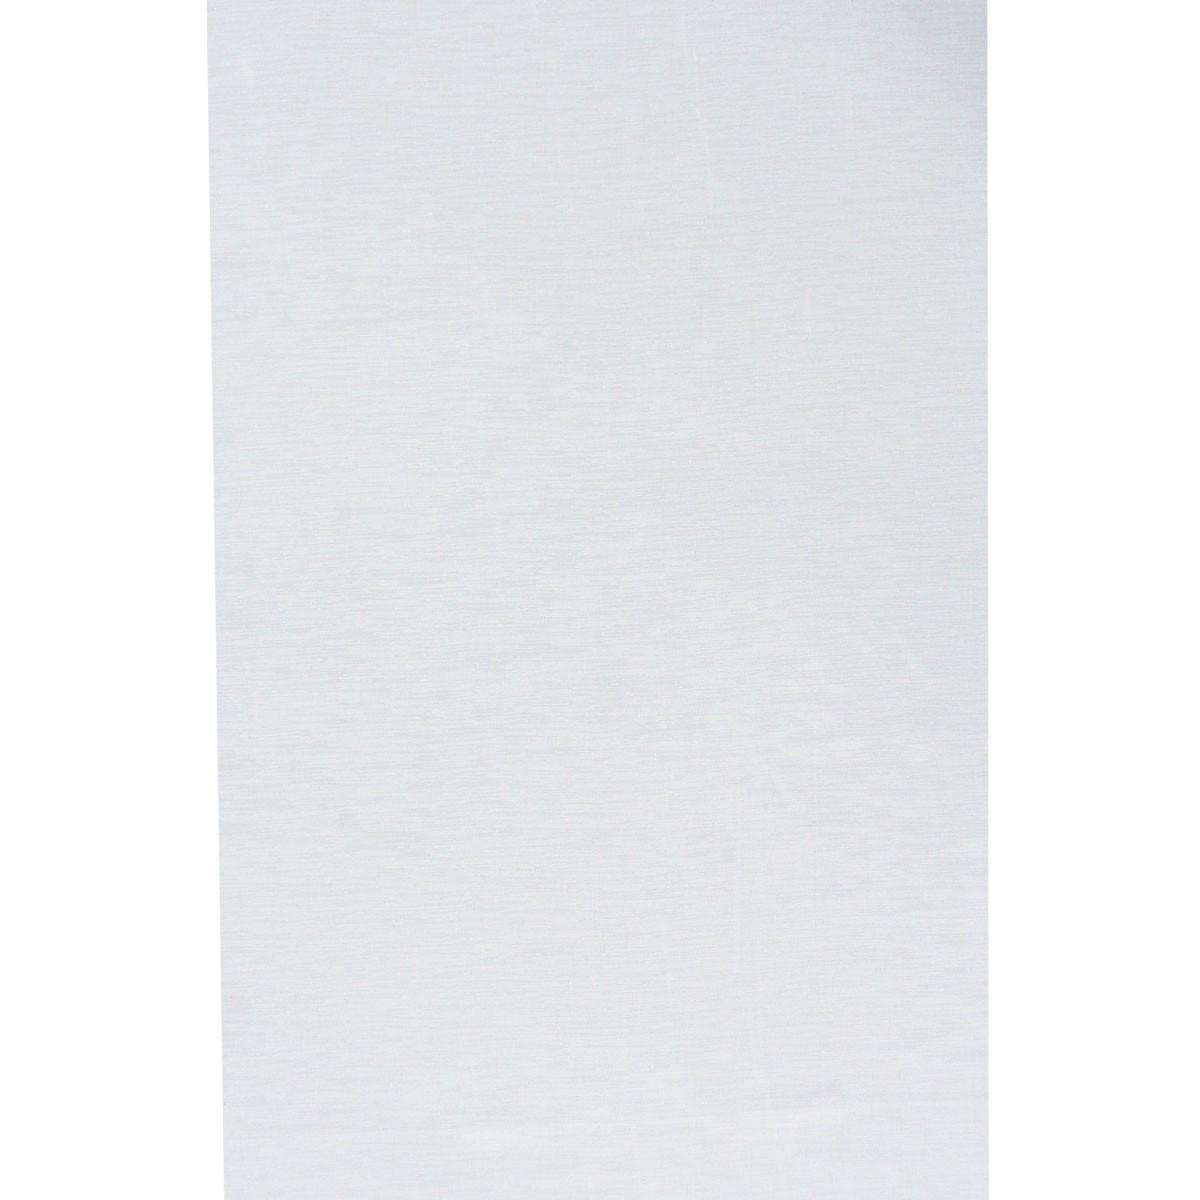 Gardinenstoff Paneele Meterware uni weiß 60cm Breite